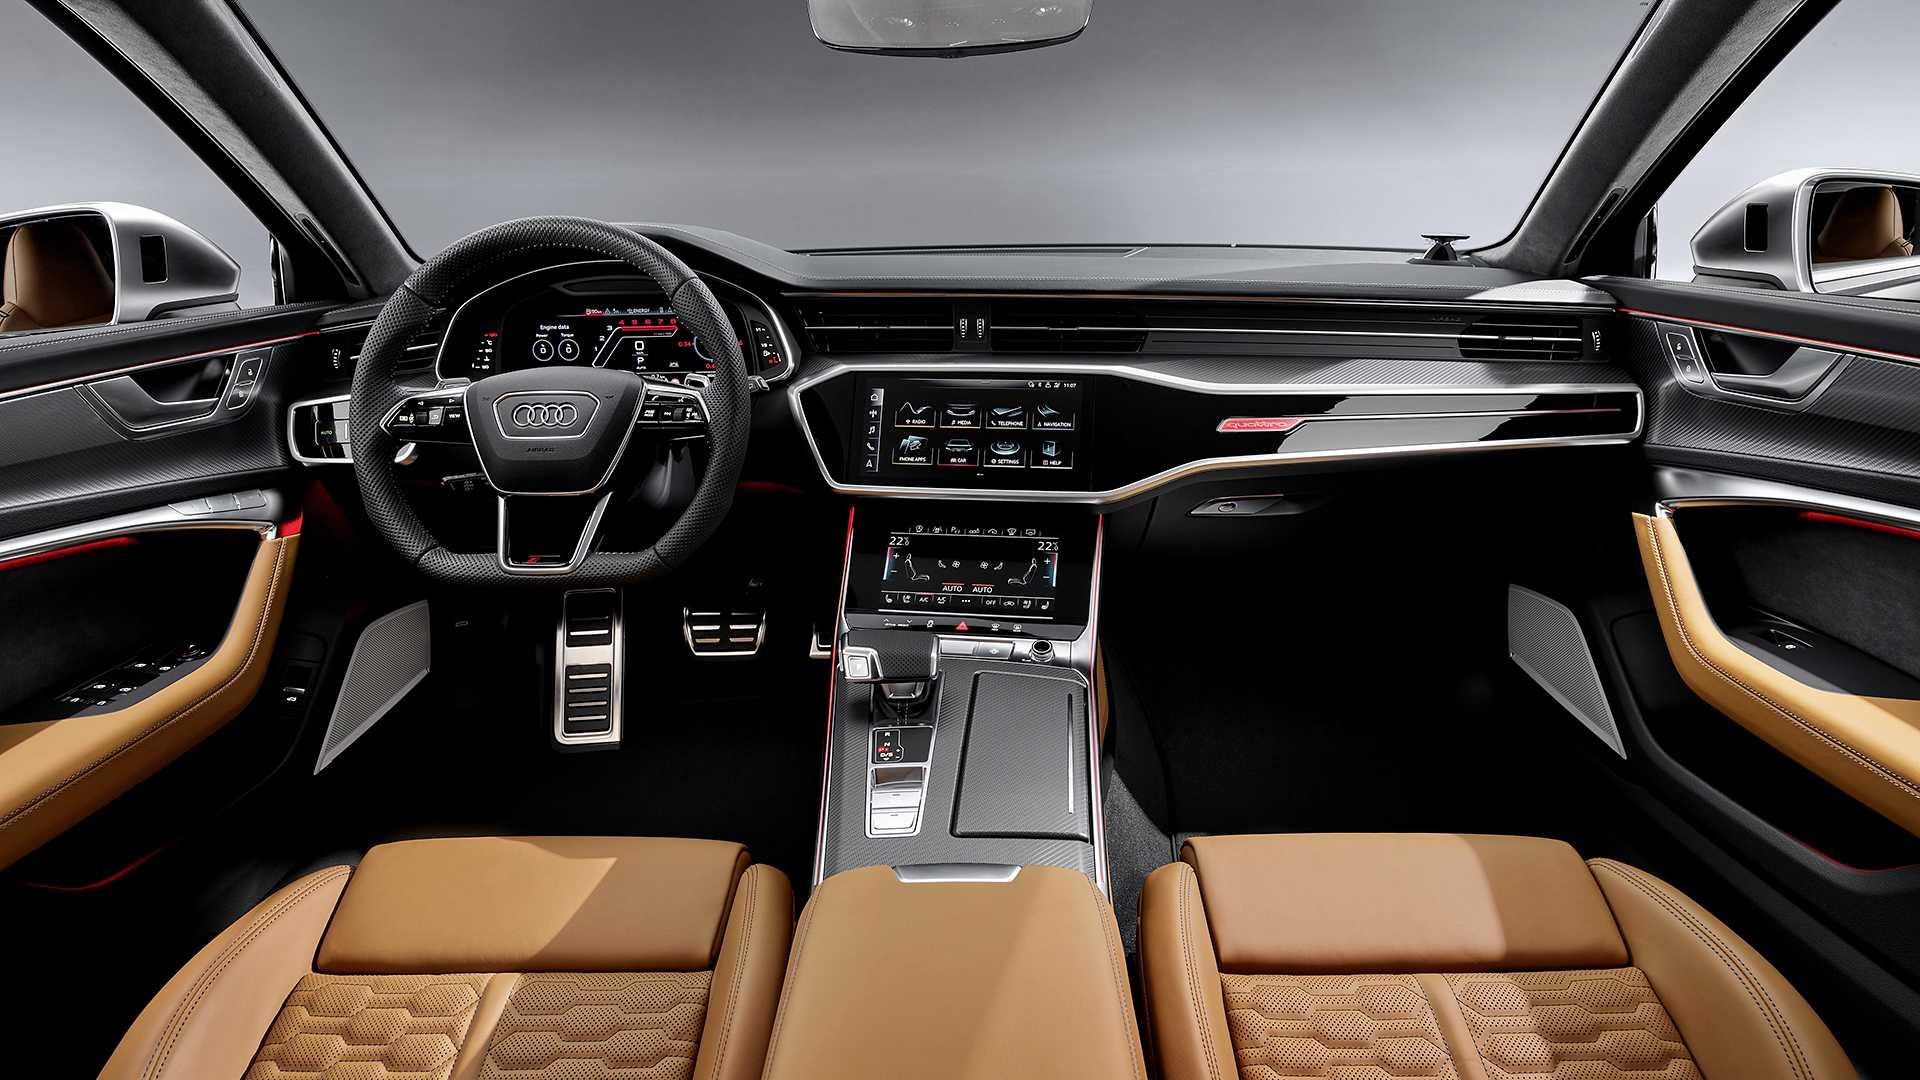 Audi RS6 Avant lần đầu ra mắt tại Mỹ kỷ niệm 25 năm dòng xe RS của Audi - 14